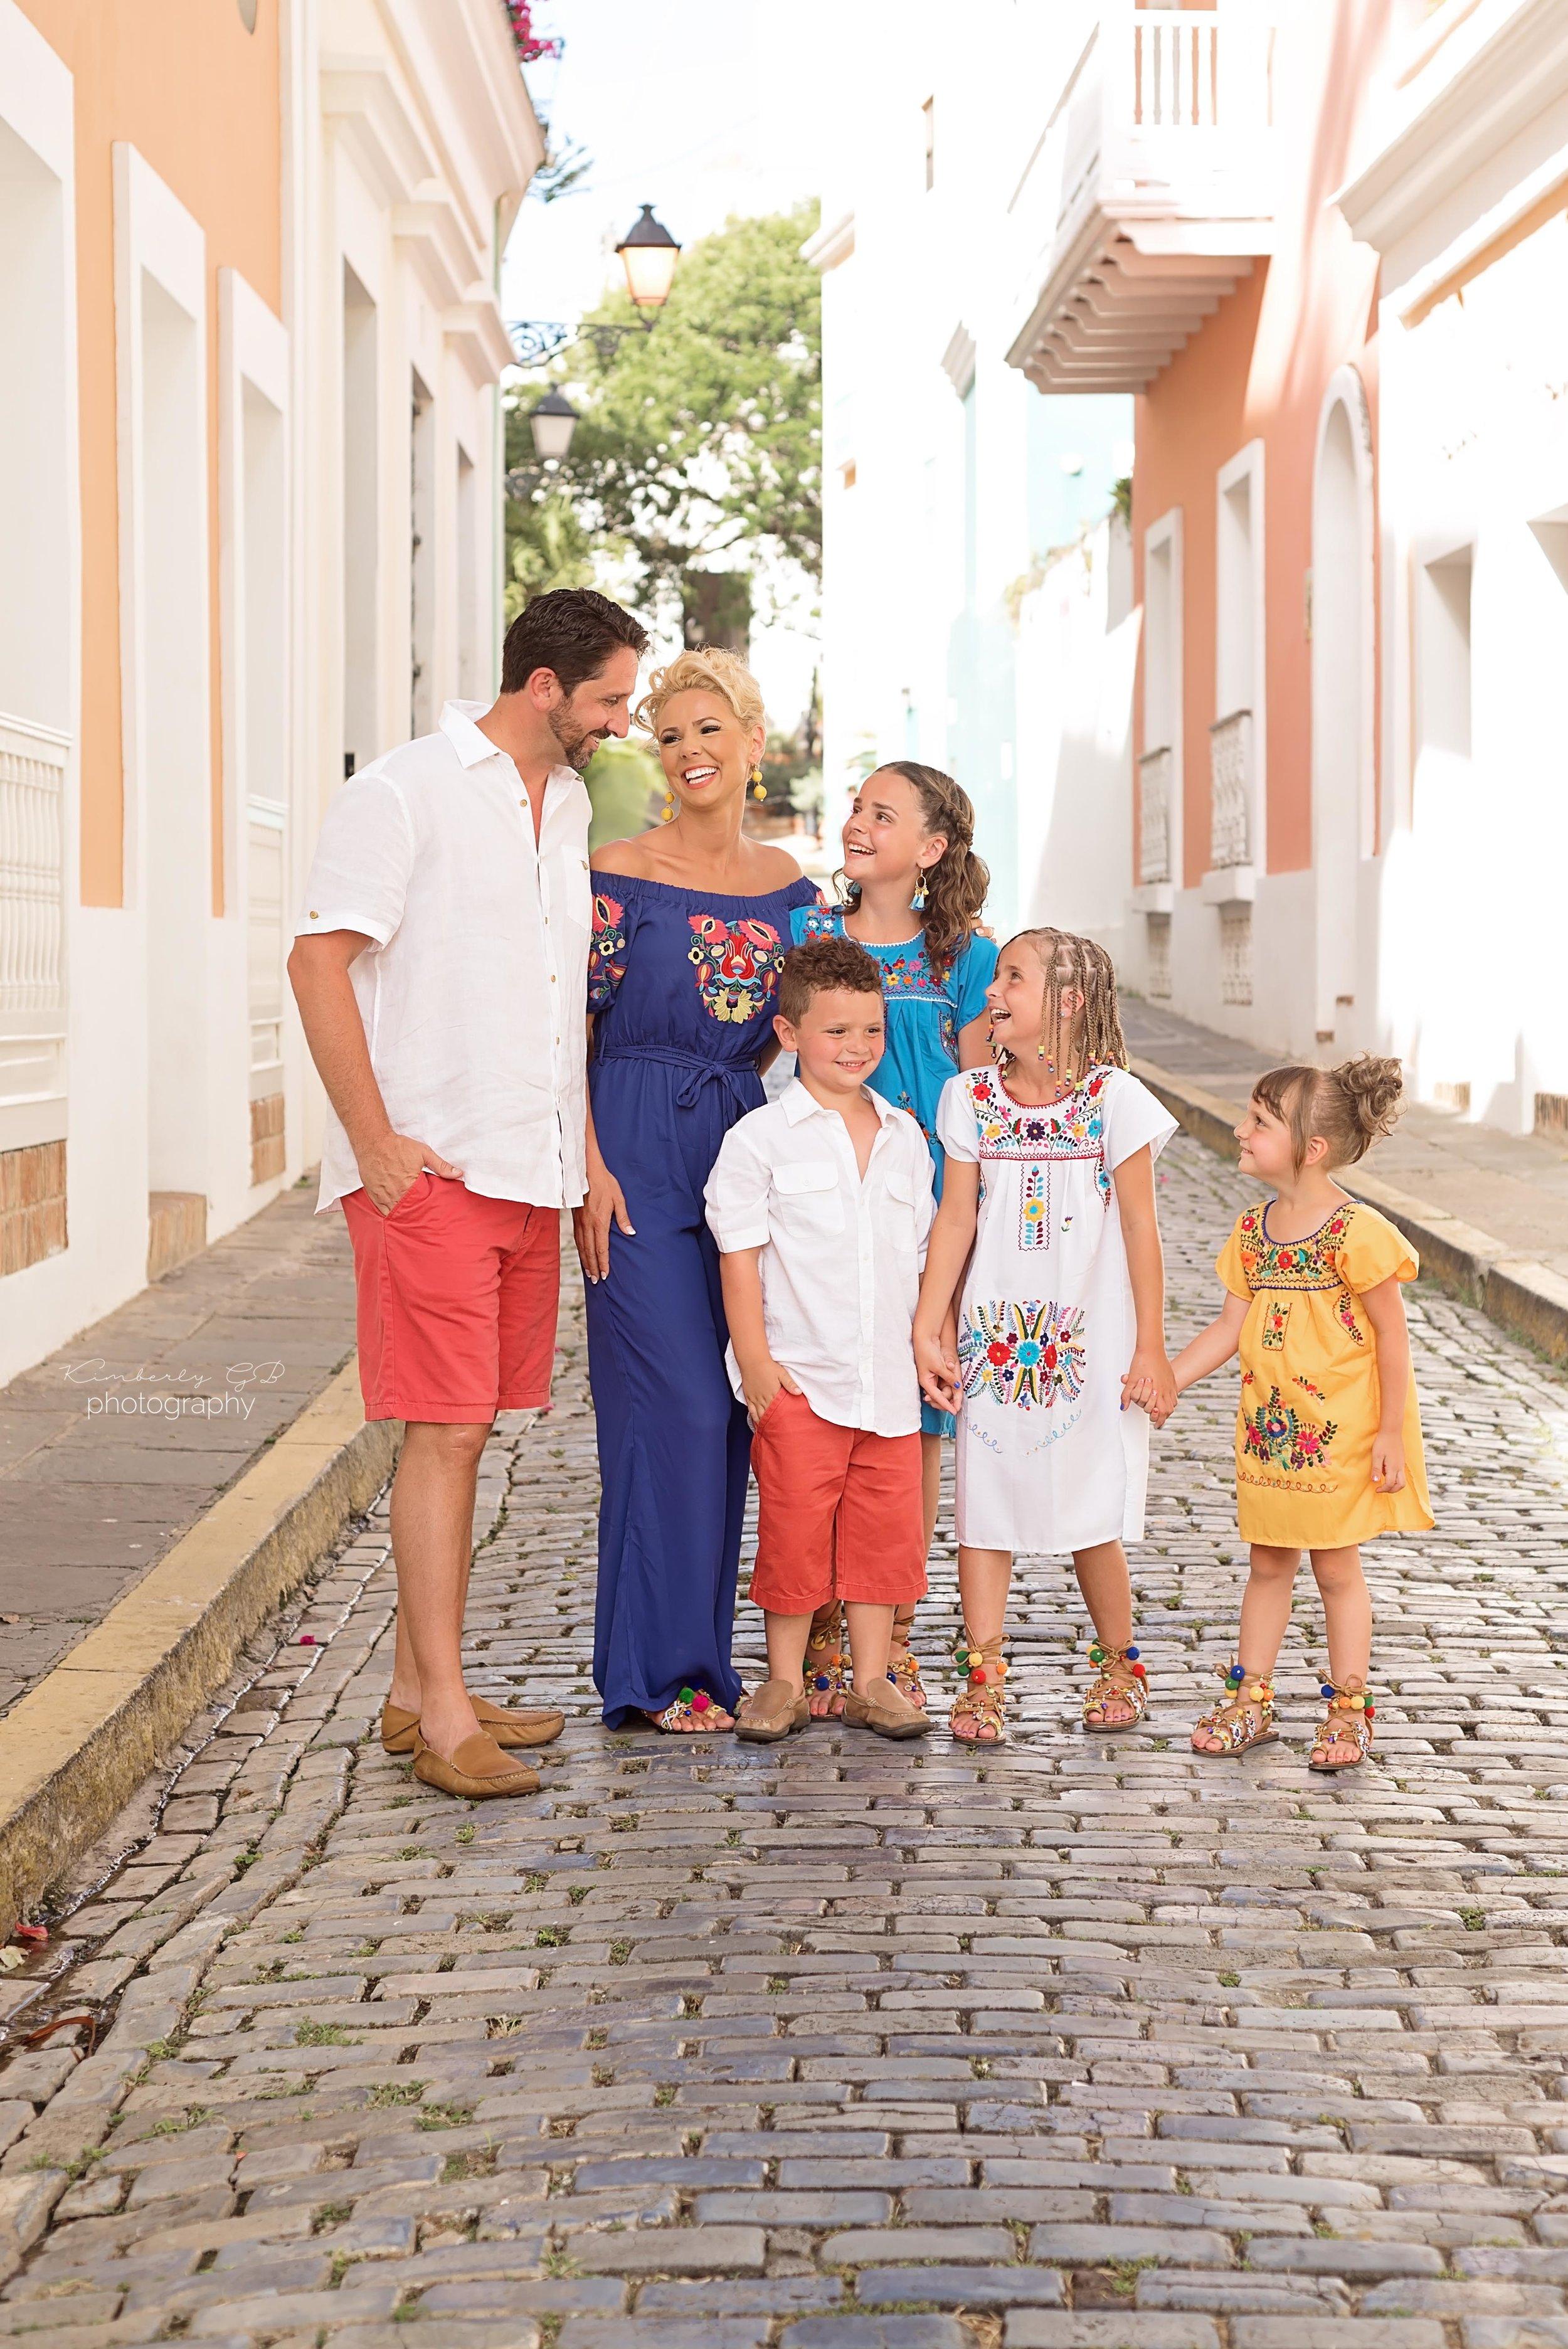 kimberly-gb-photography-fotografa-portrait-retrato-family-familia-puerto-rico-43.jpg